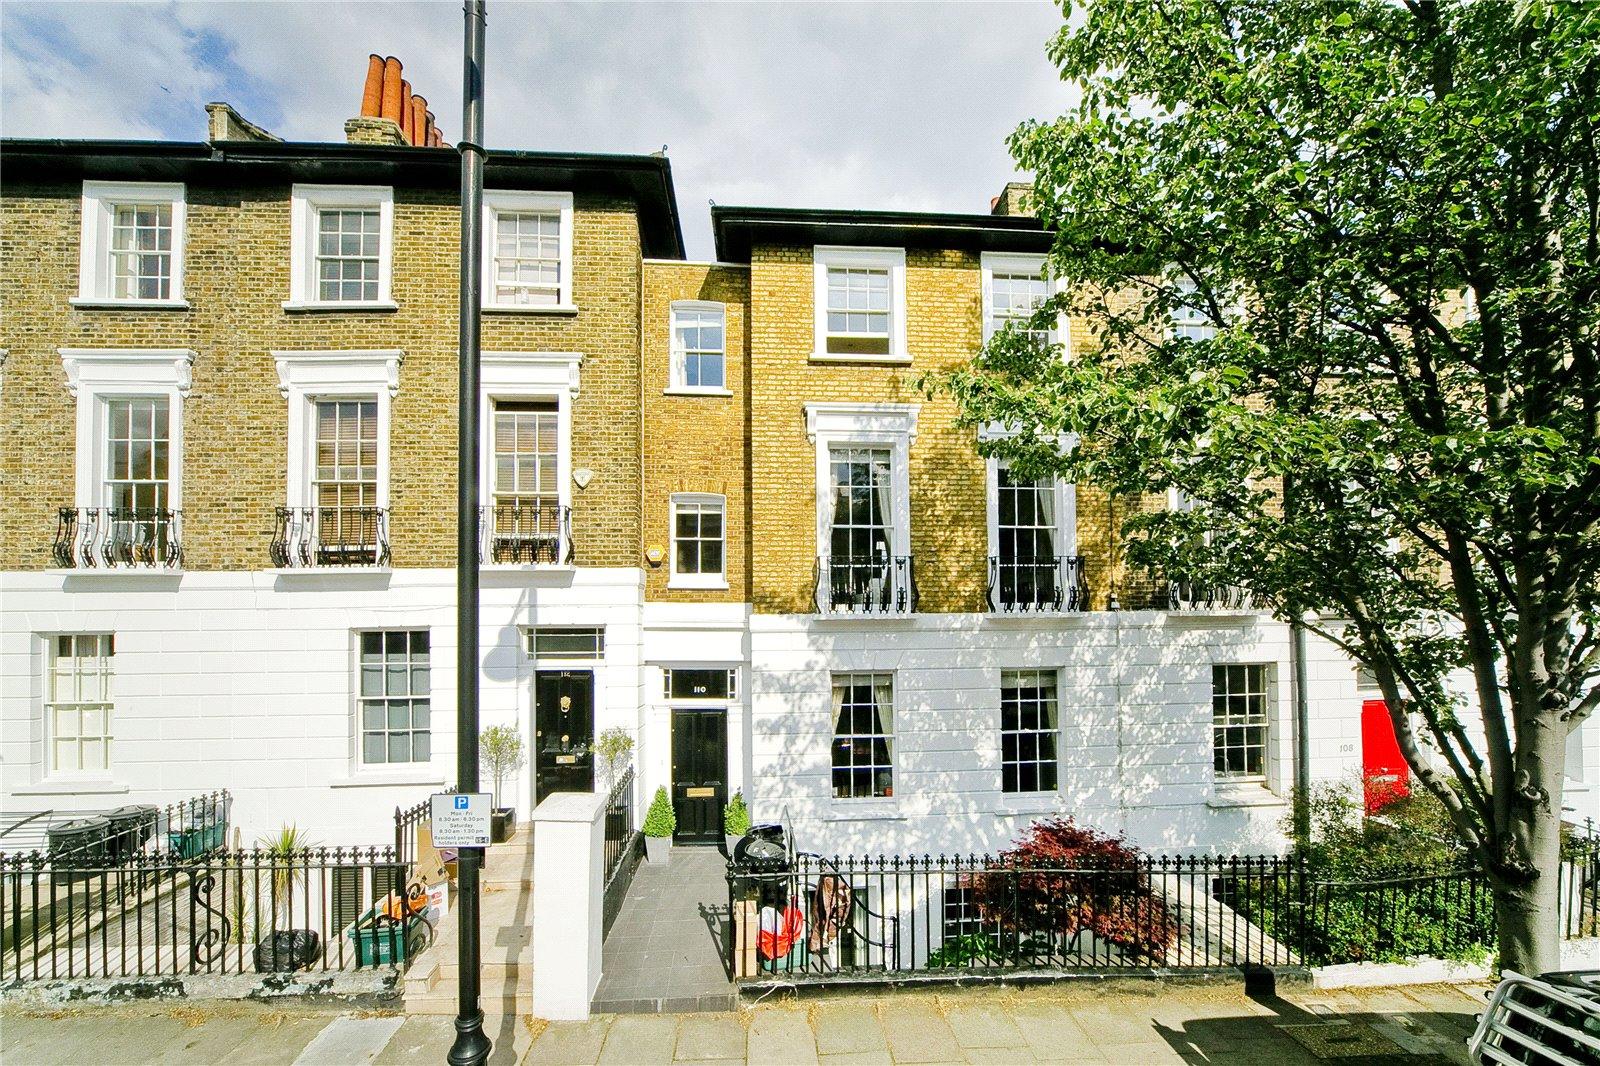 5 Bedrooms Terraced House for sale in Hemingford Road, Barnsbury, N1